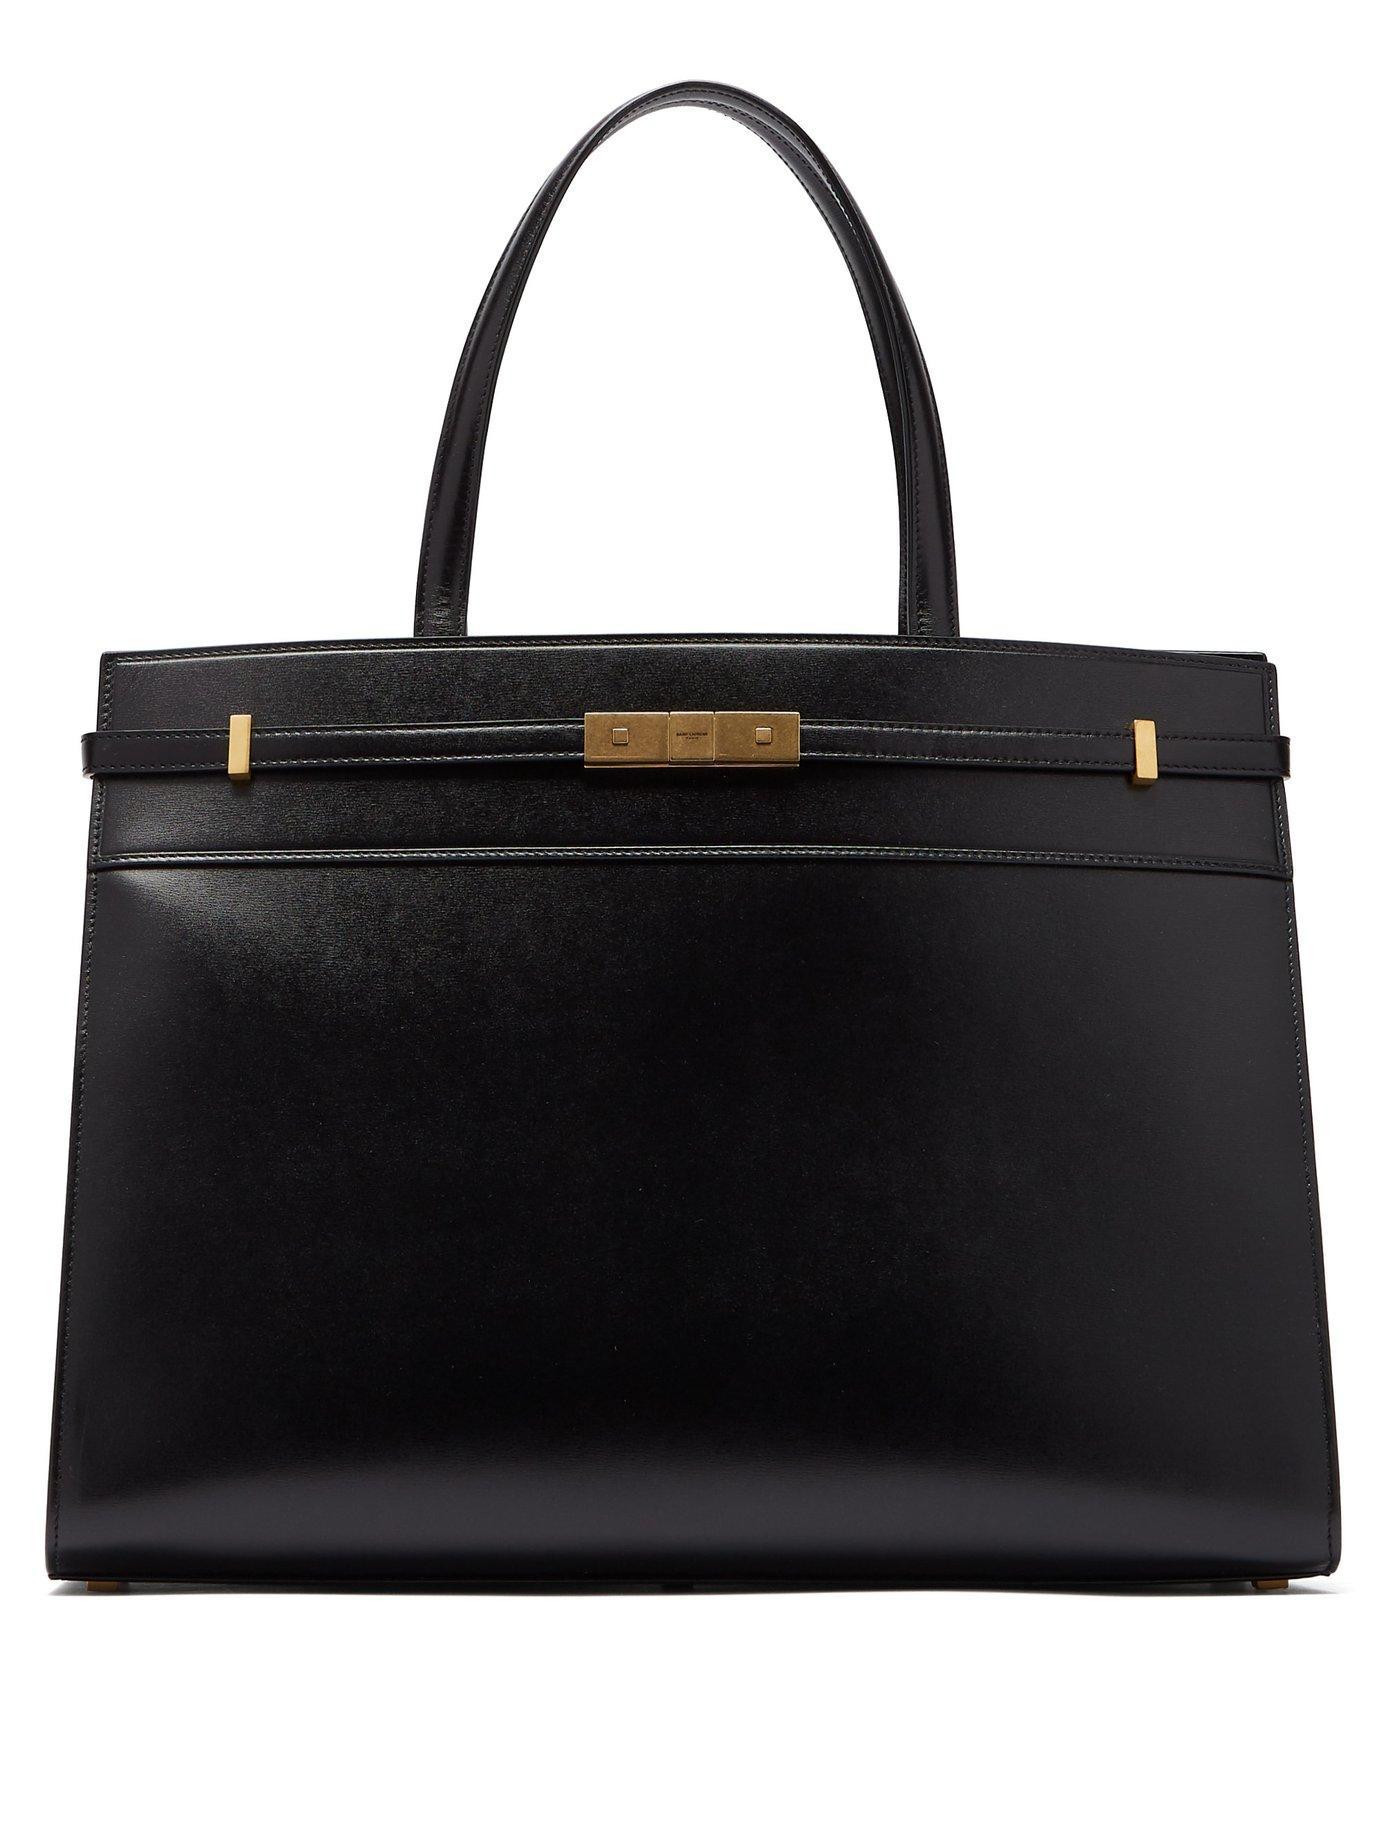 04625c1111a6 Lyst - Saint Laurent Manhattan Medium Leather Tote Bag in Black ...